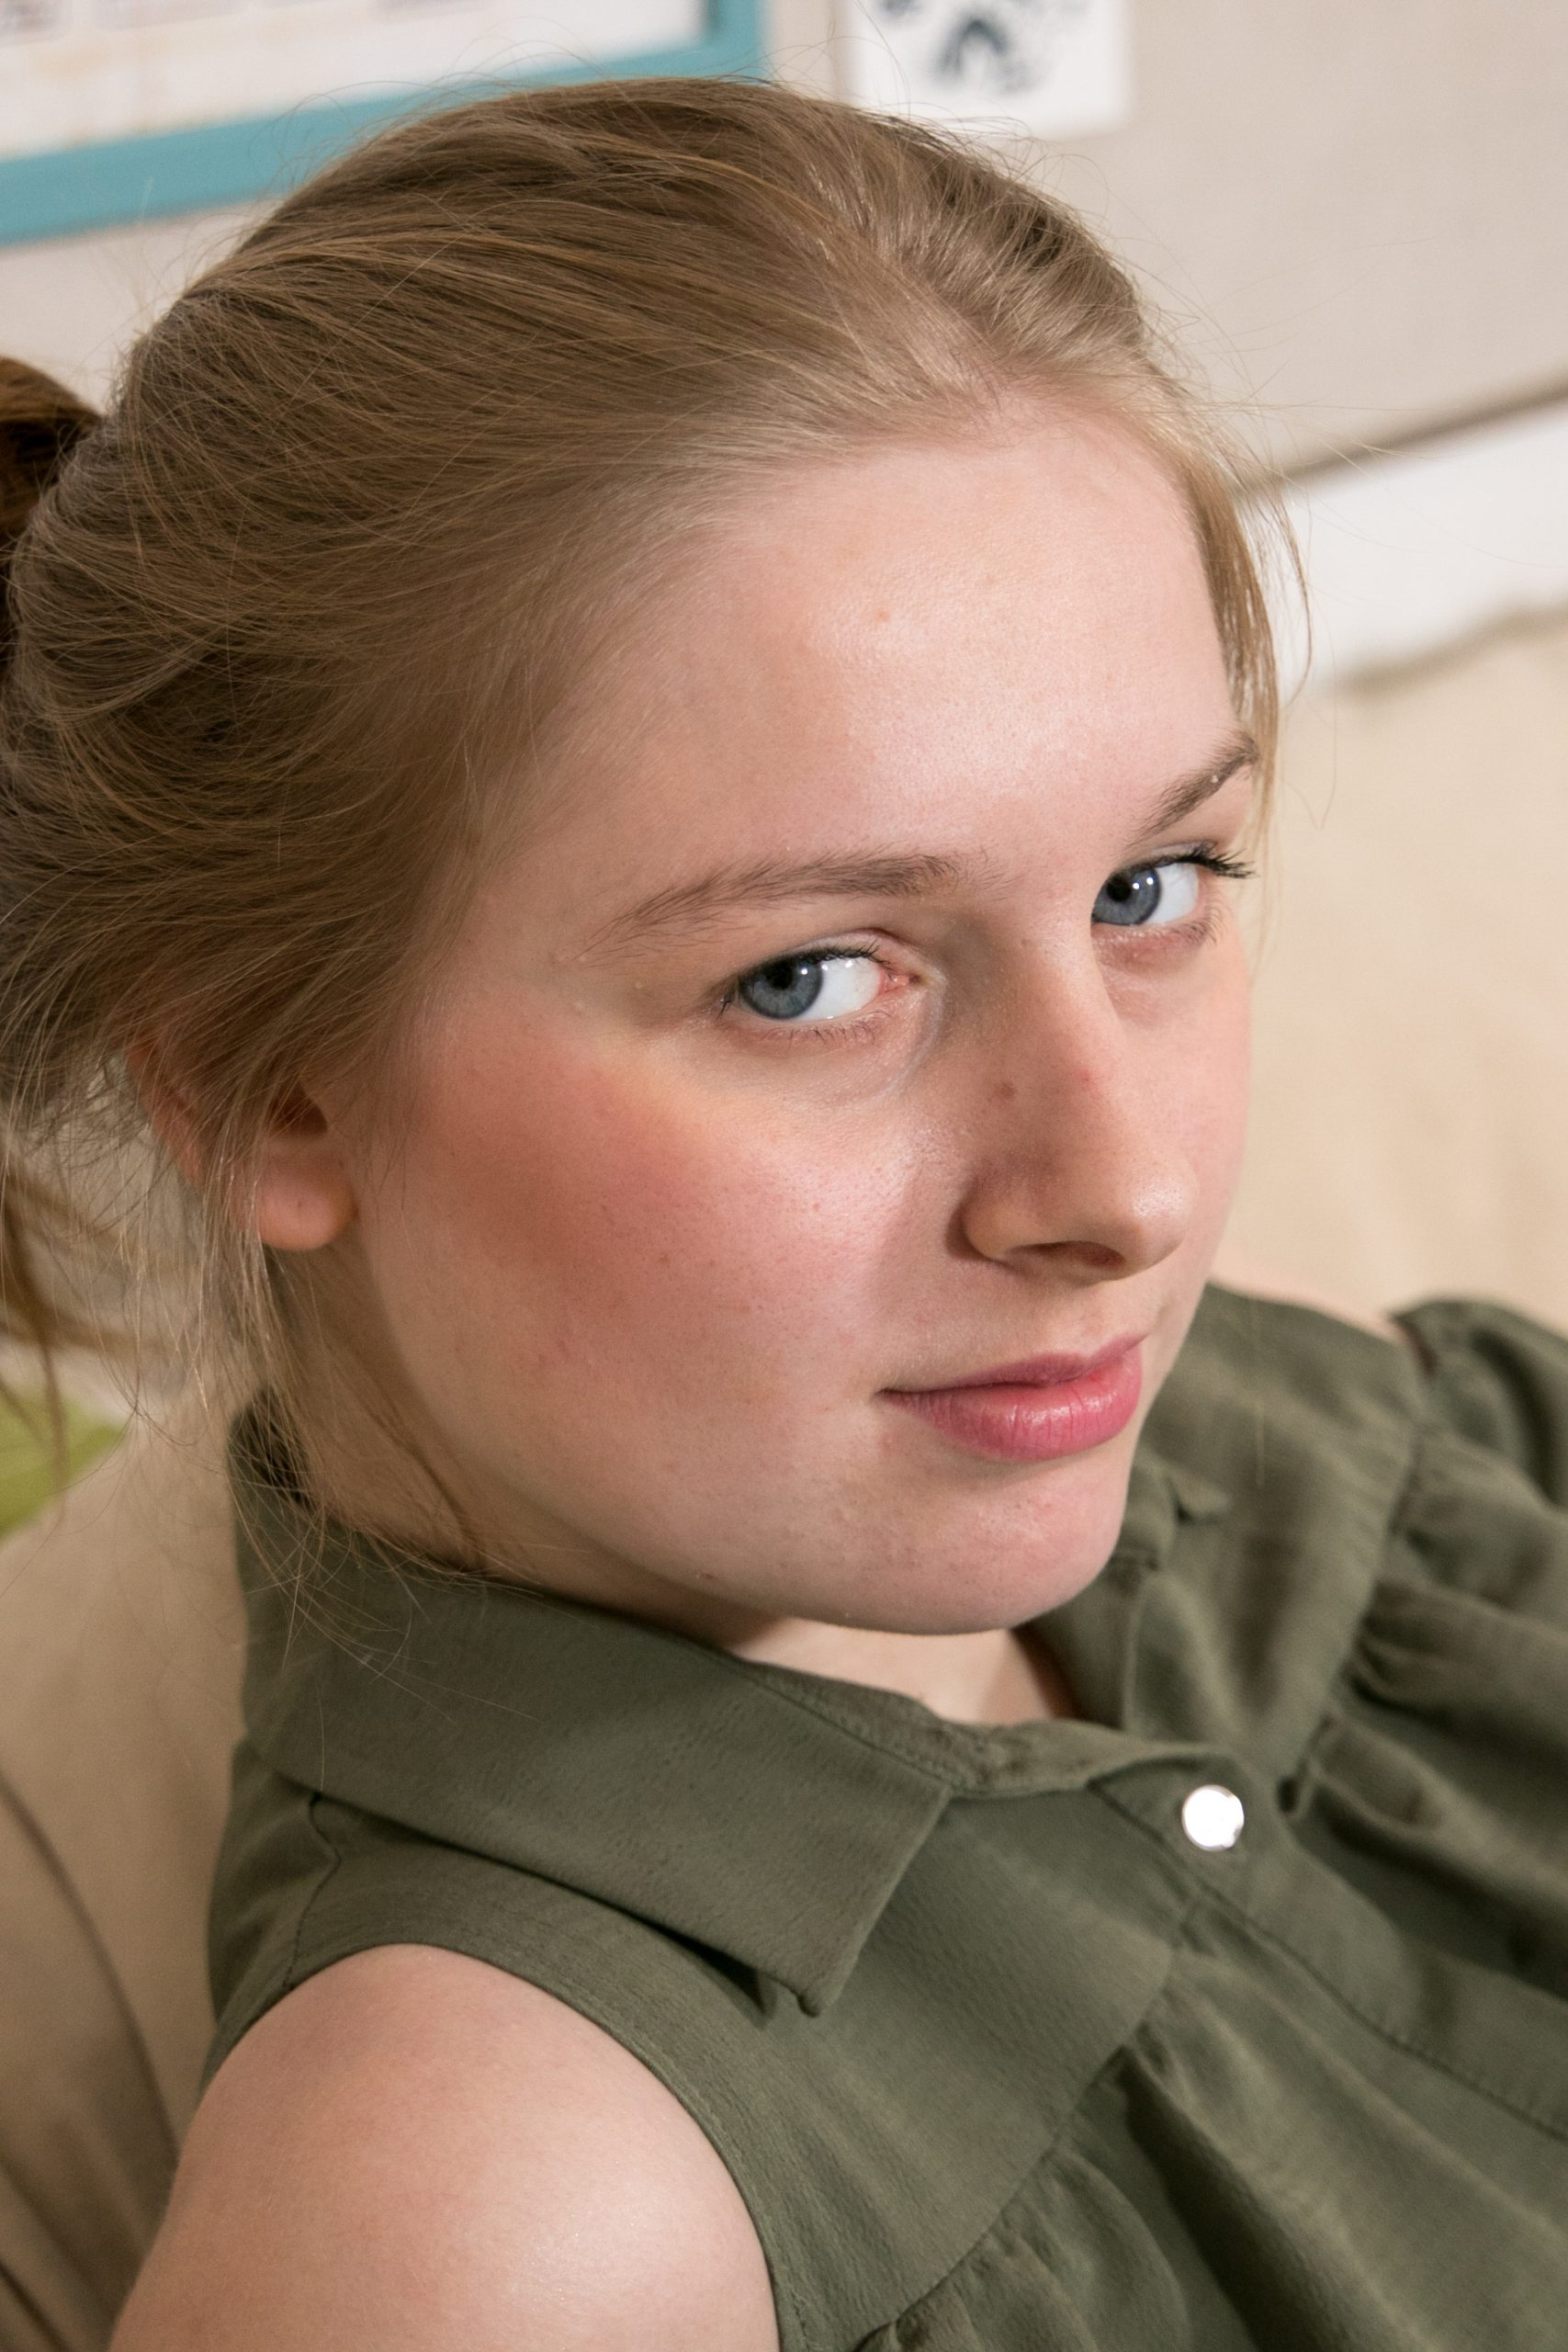 Ersties.com - Ginny 16